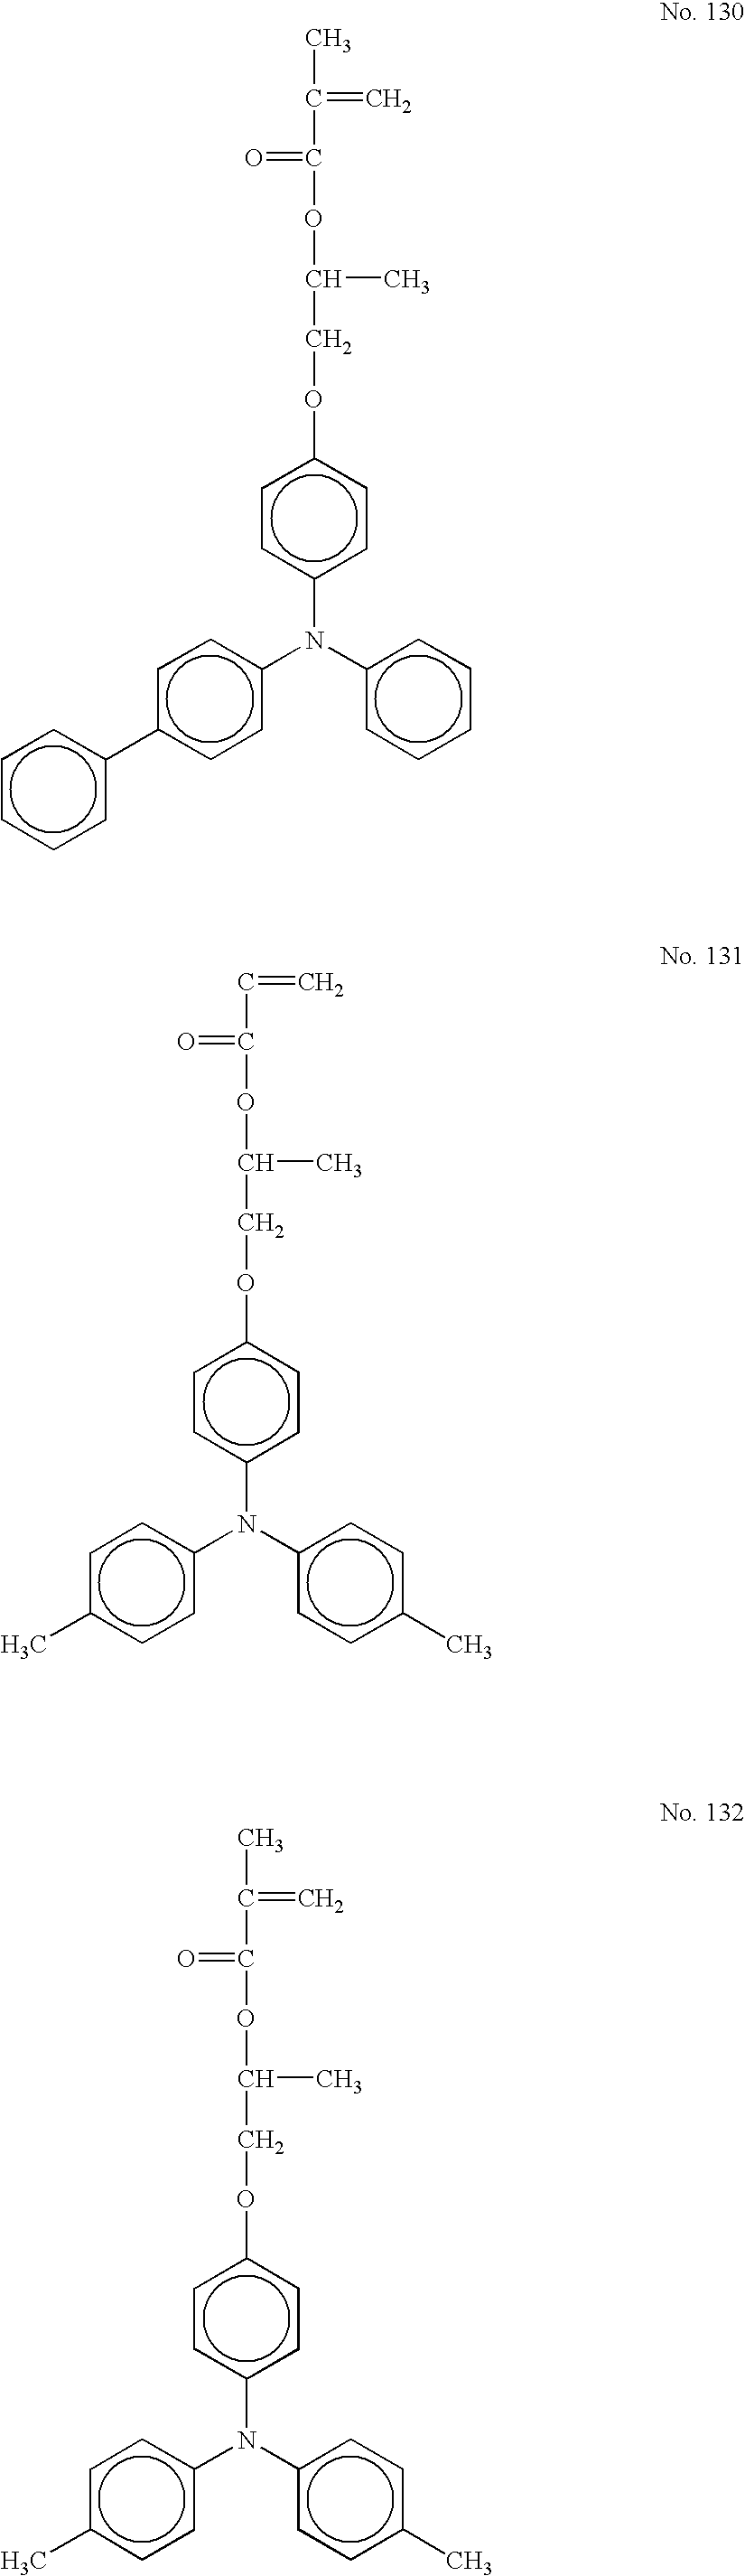 Figure US20060177749A1-20060810-C00064